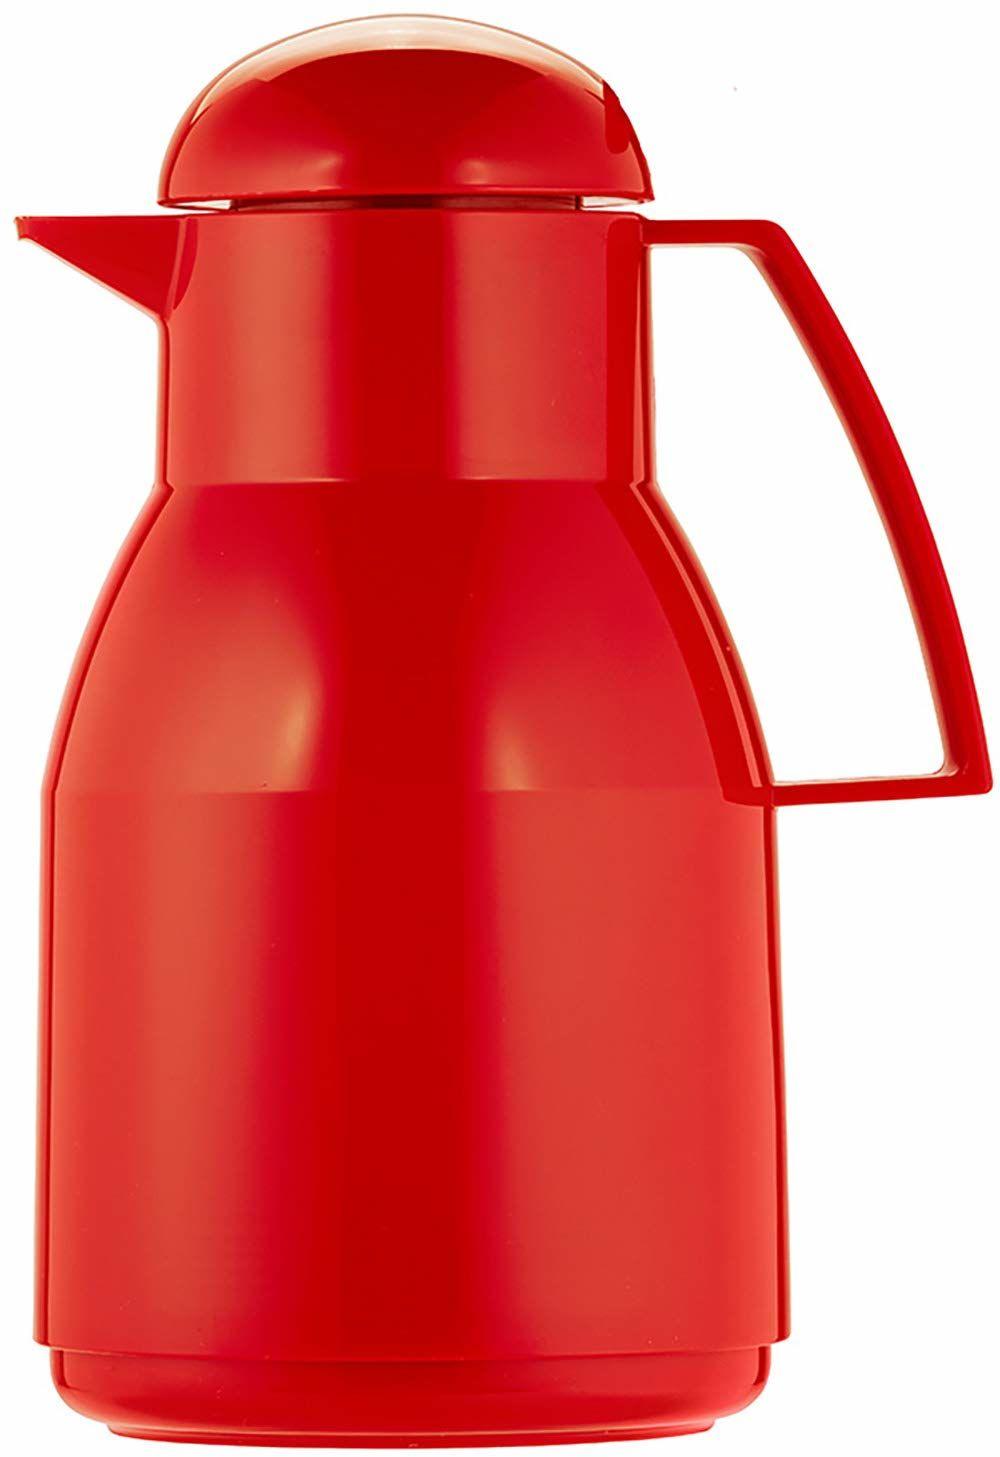 Helios Termos Top z twardego plastiku o wysokim połysku z zakręcanym zamknięciem, czerwony, 1 l